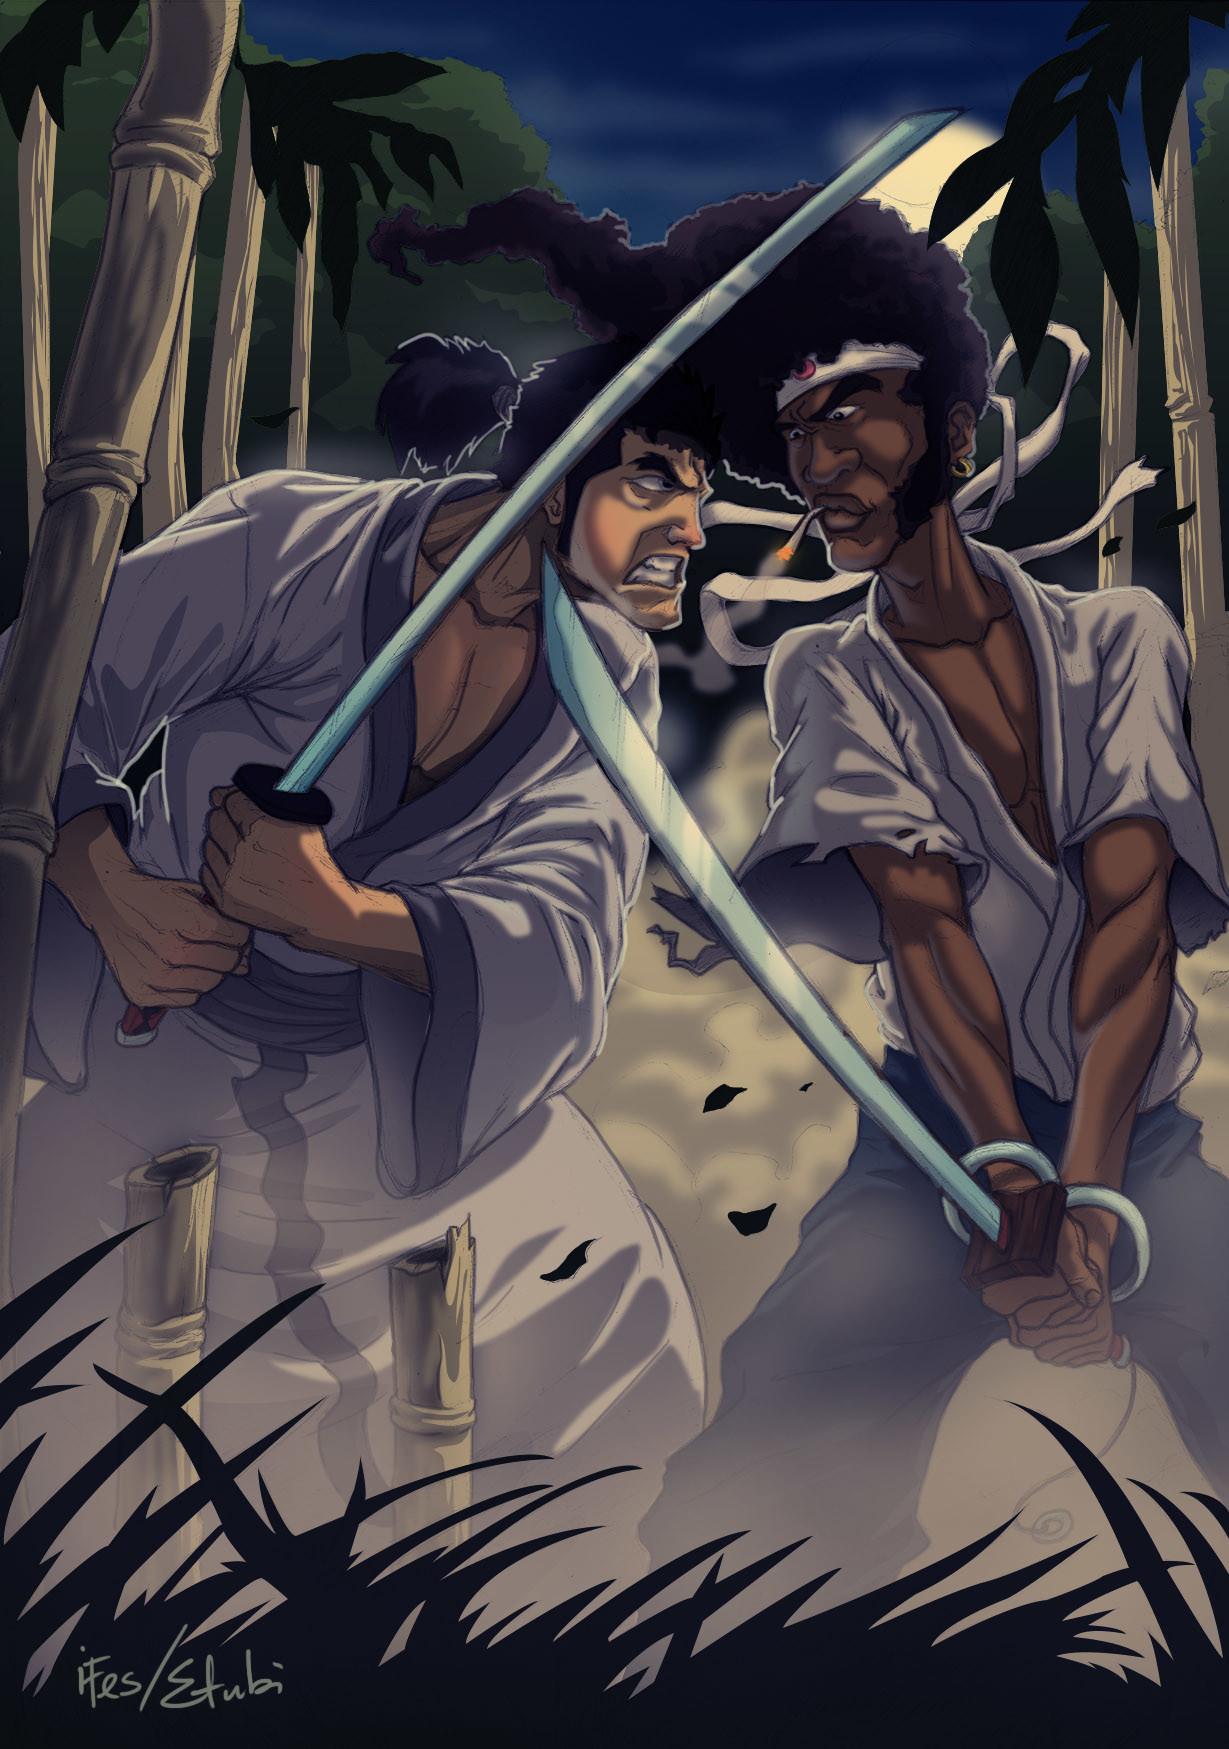 Etubi onucheyo samurai jack vs afro samurai